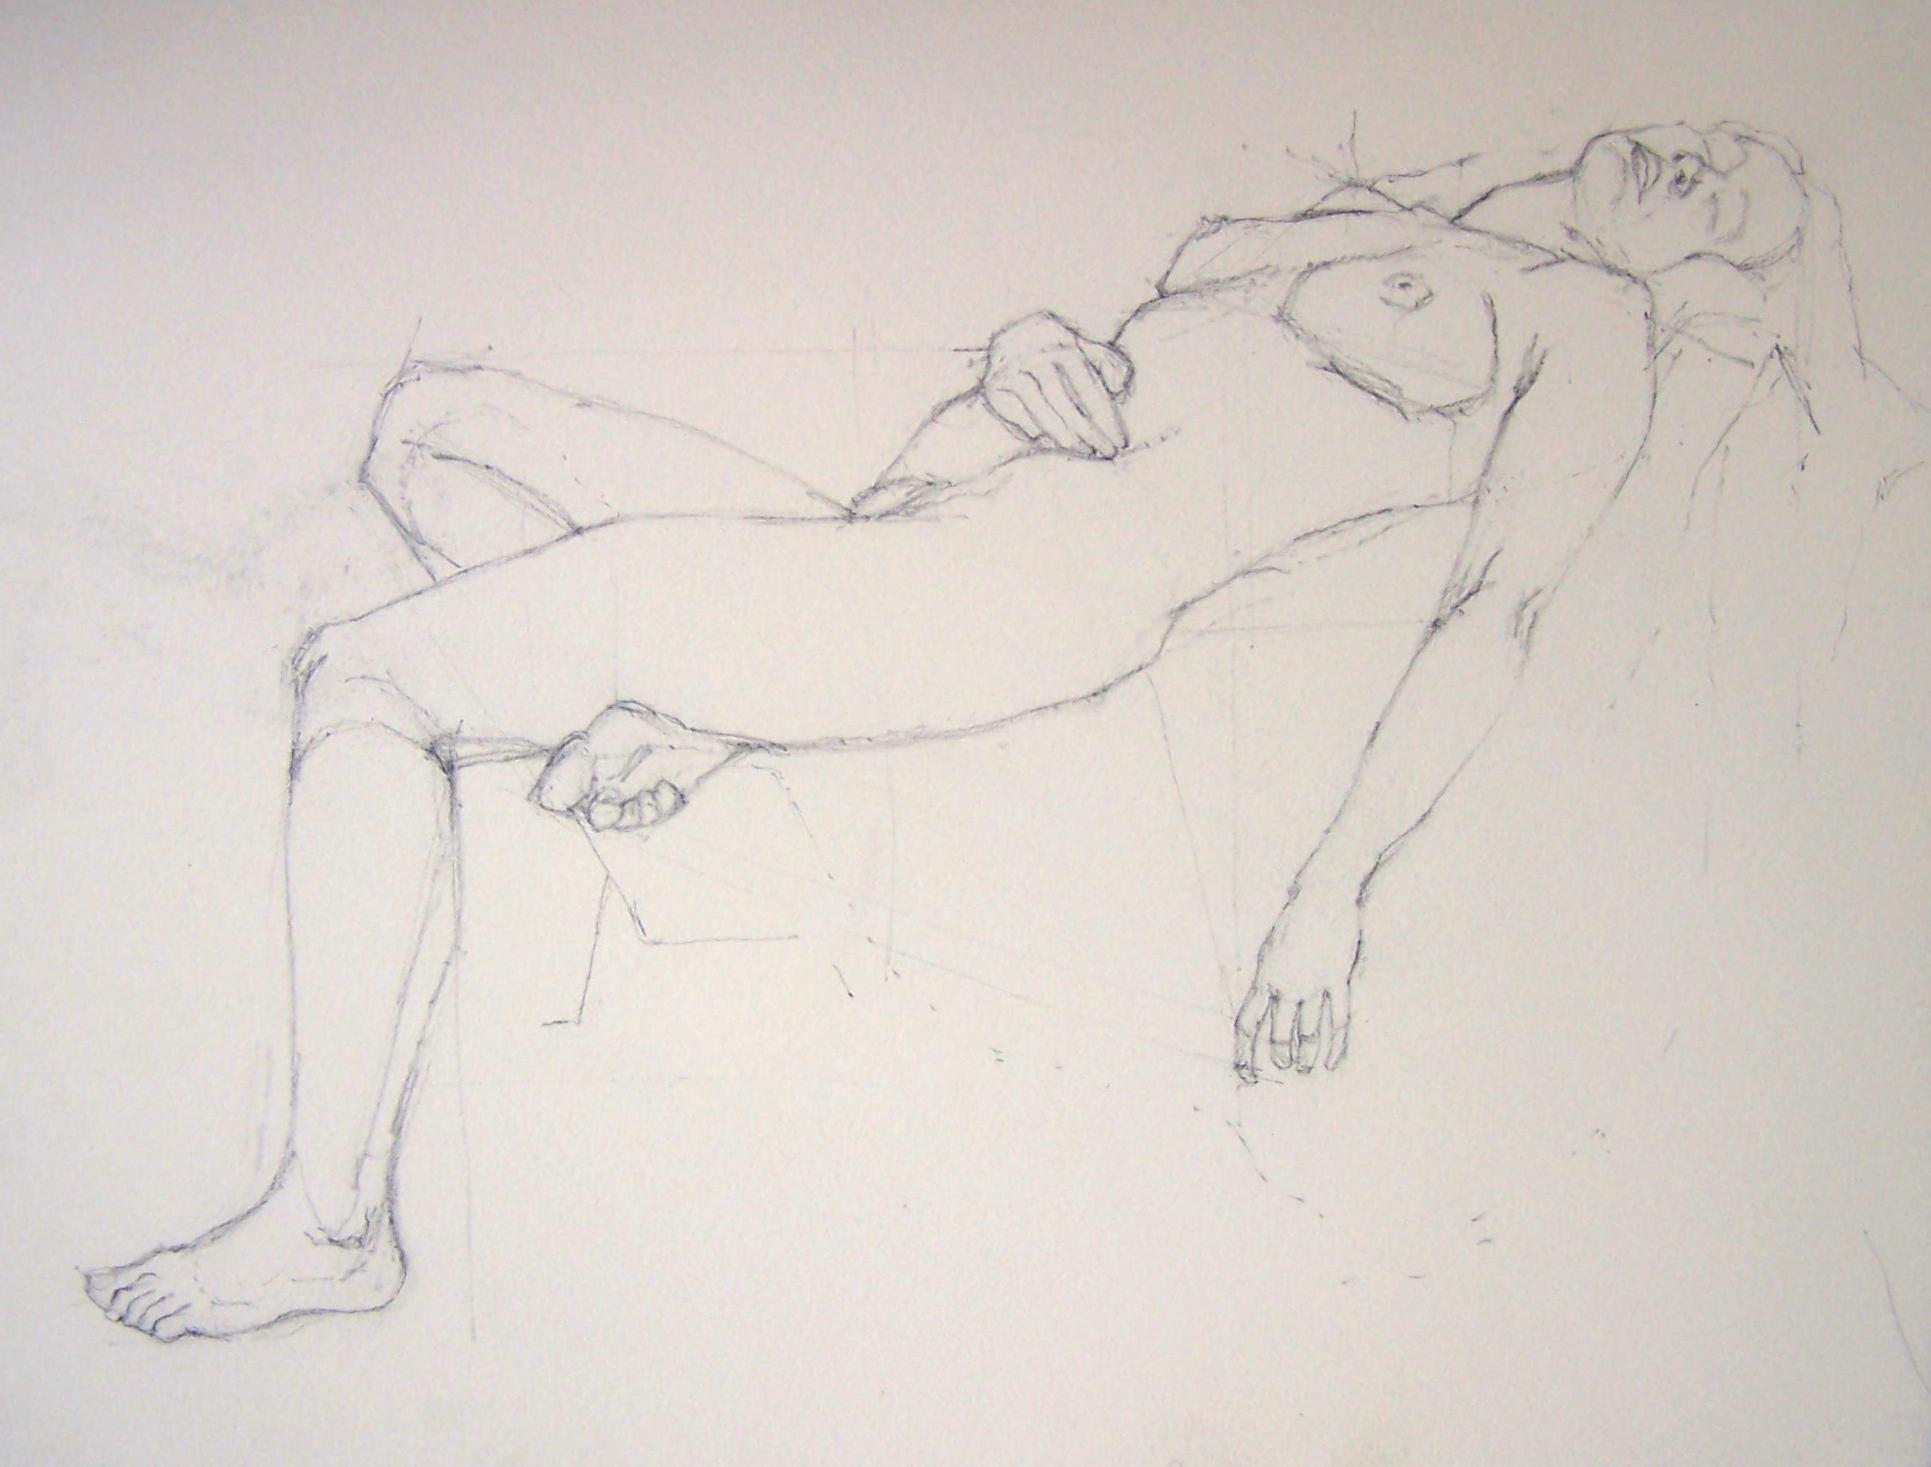 Life drawing, pencil